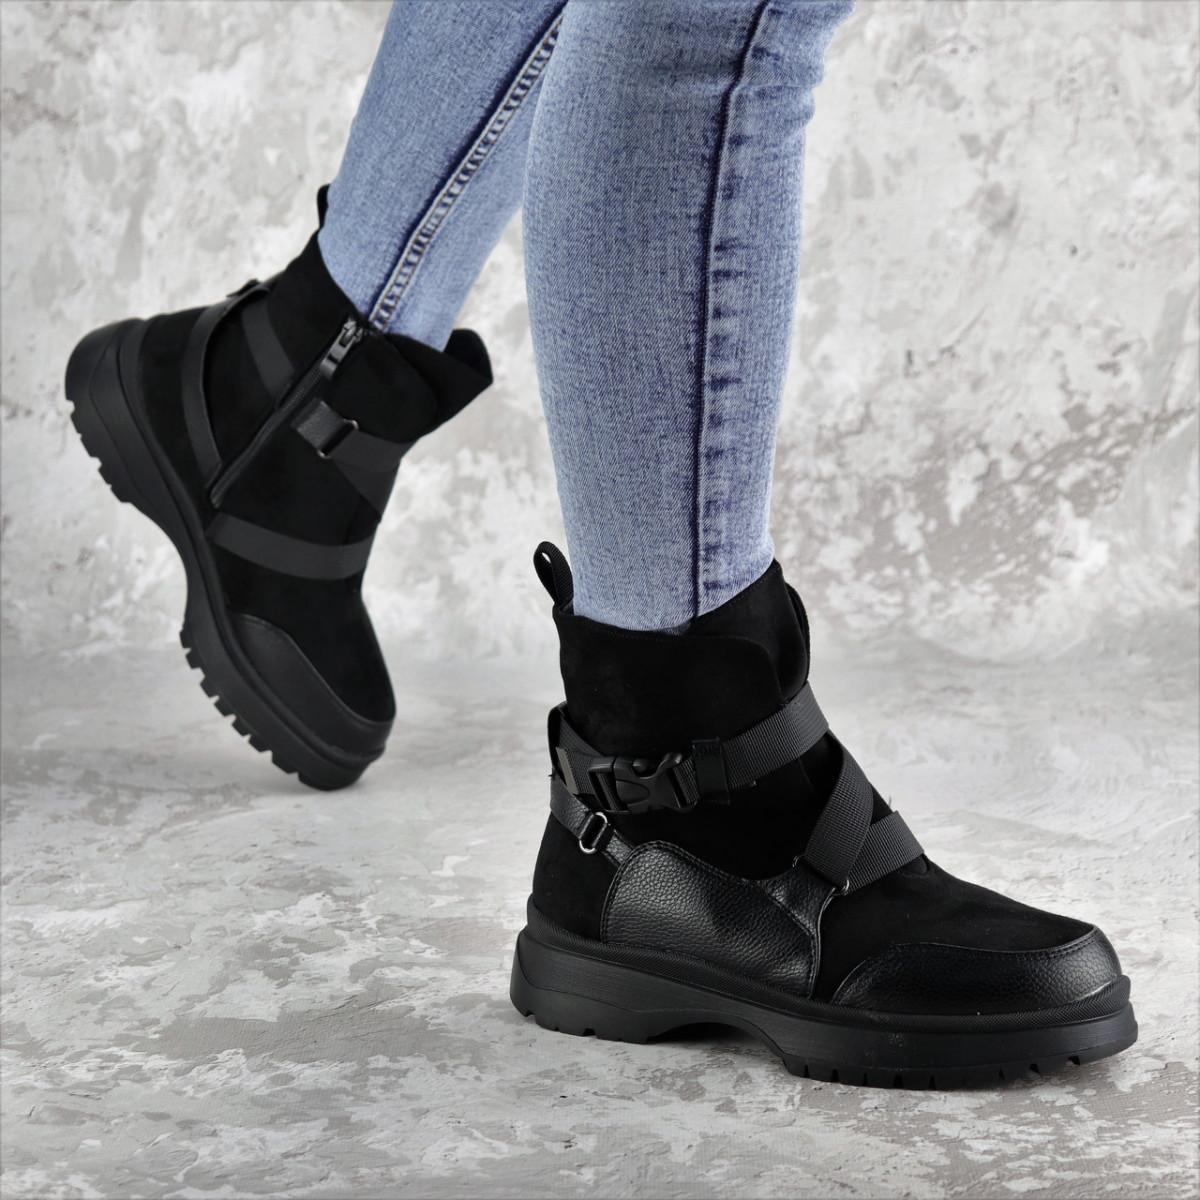 Черевики жіночі зимові Fashion Lana 2317 36 розмір, 23,5 см Чорний